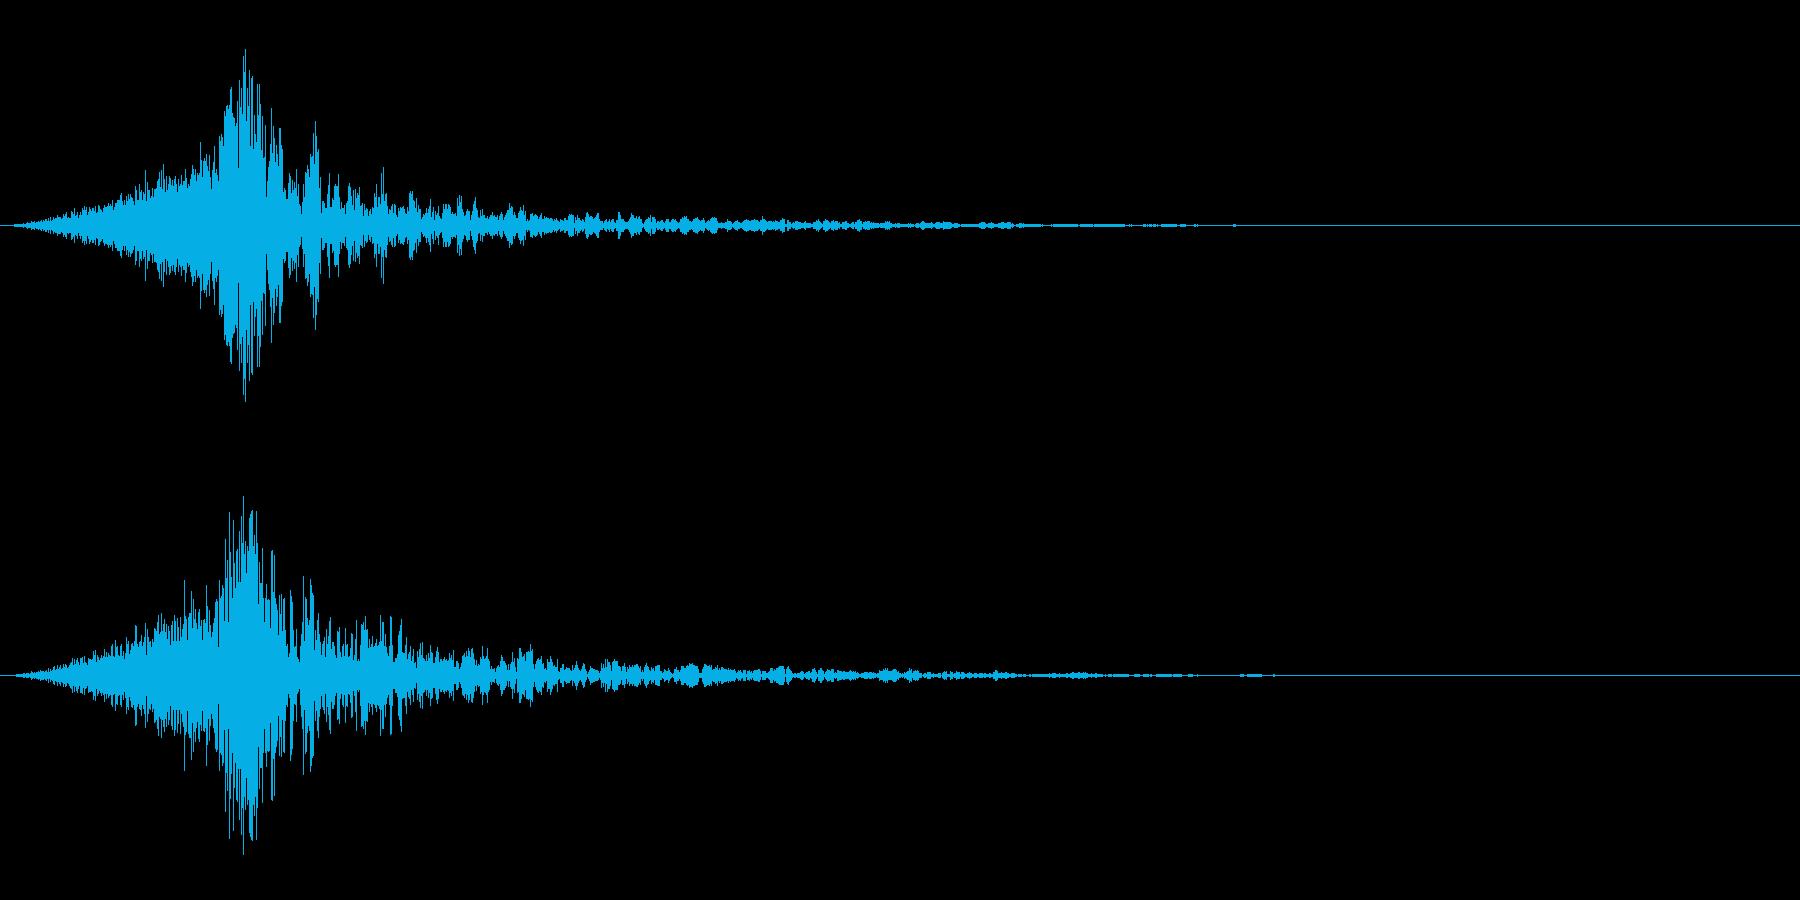 シュードーン-64-4(インパクト音)の再生済みの波形